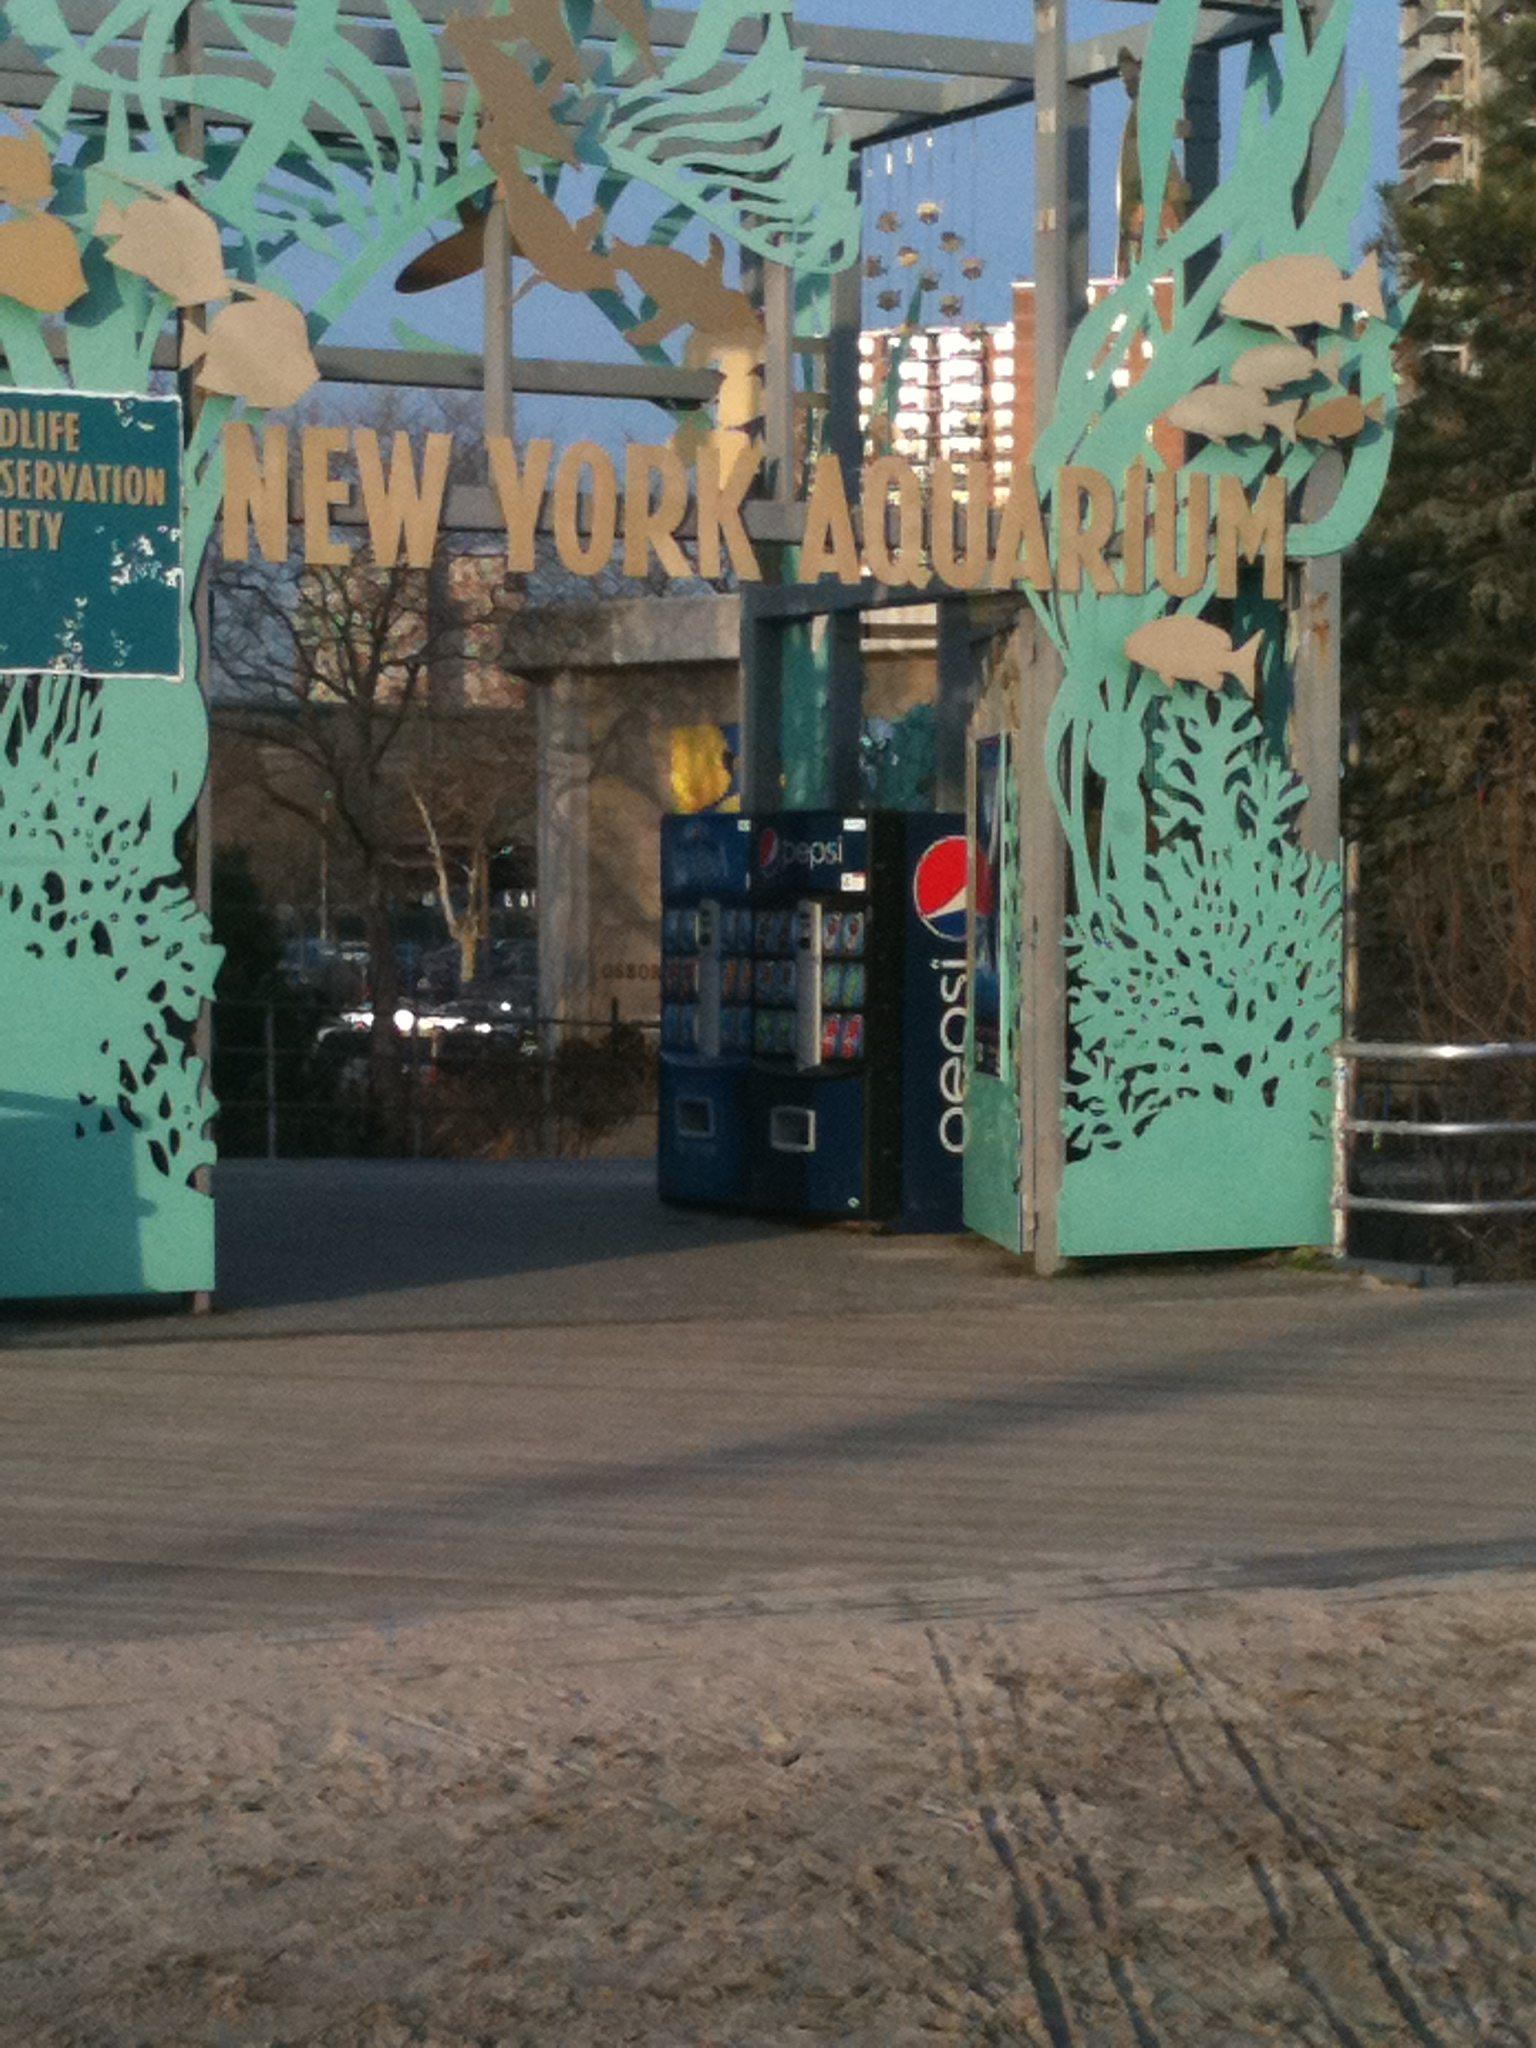 Ny Aquarium Day Trip To Brooklyn